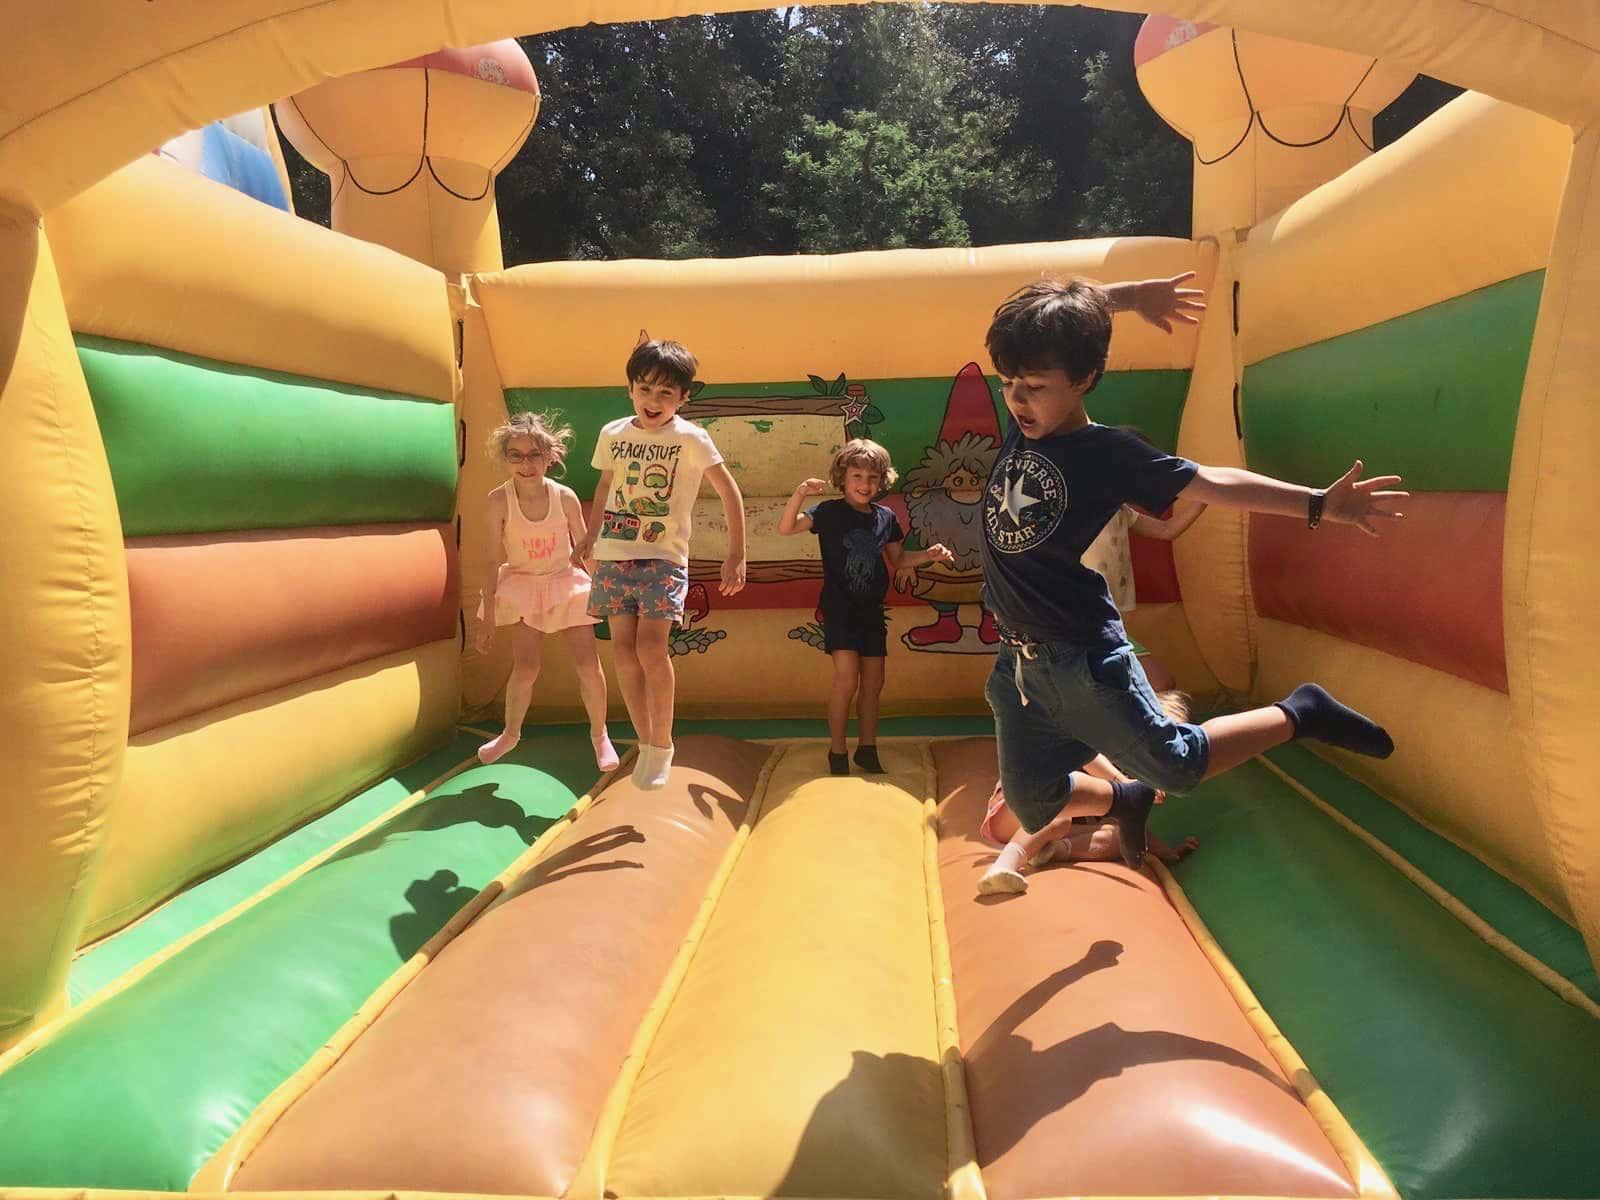 Activitats D'estiu A L'escola, Divertides, Refrescants I En Anglès